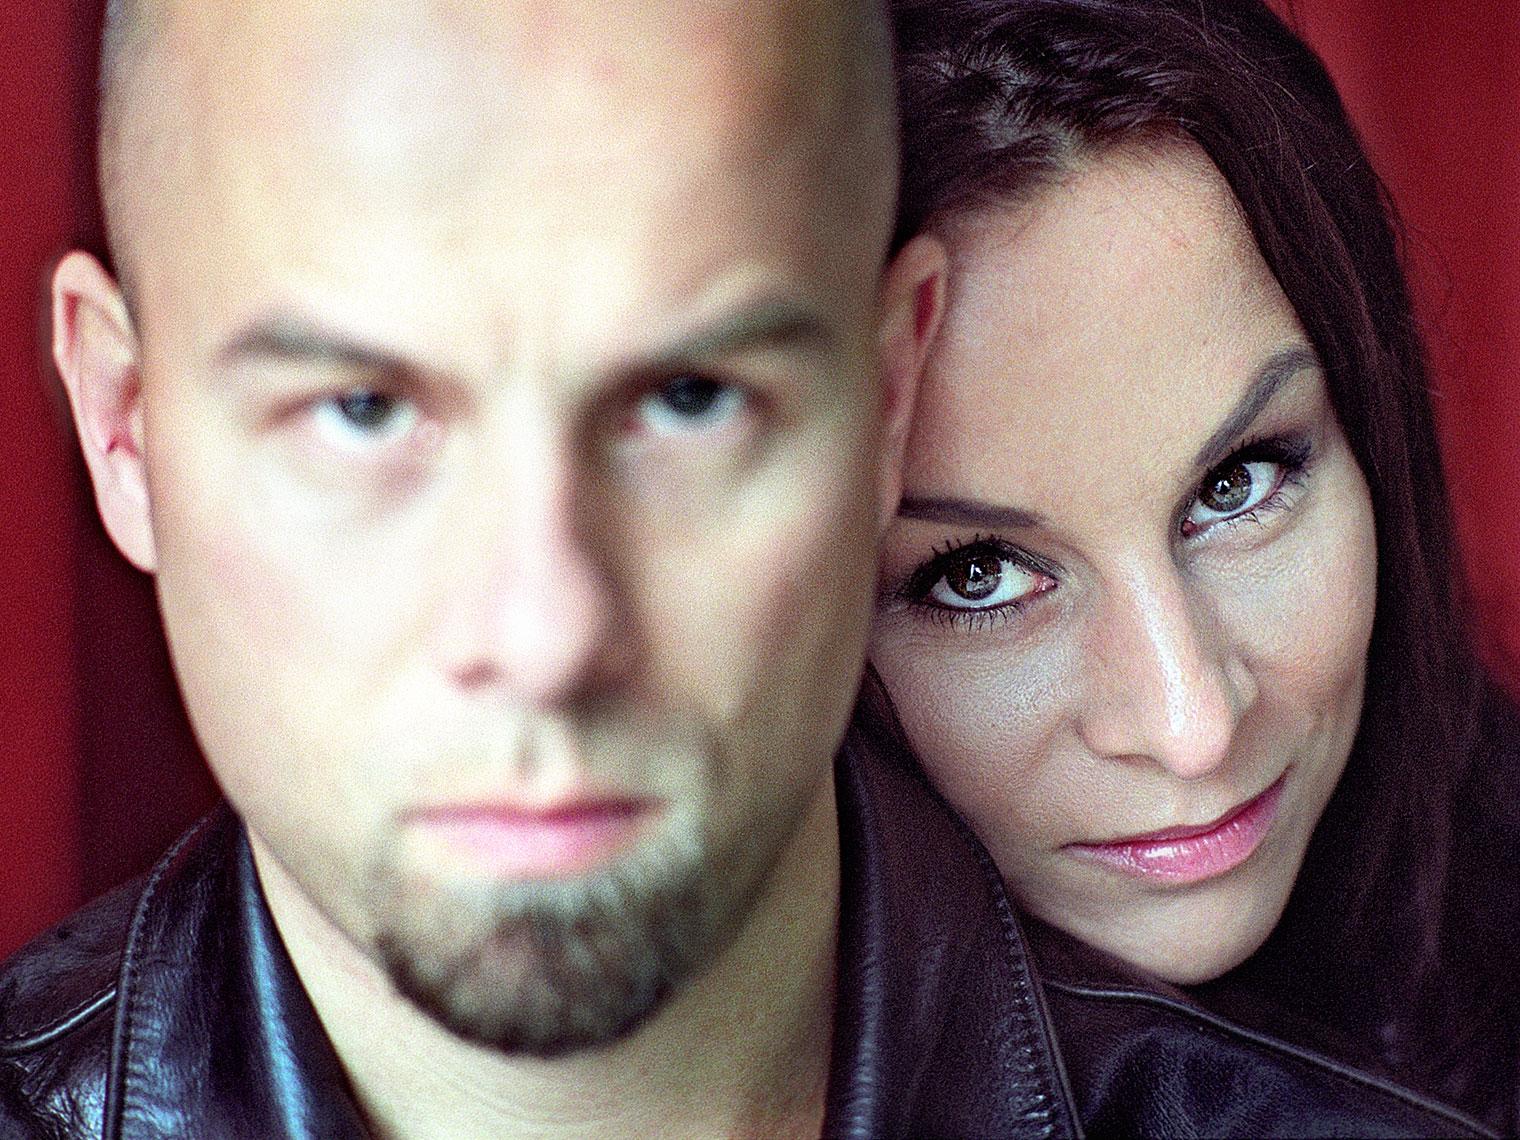 Tjeerd en Trijntje Oosterhuis, AKA Total Touch